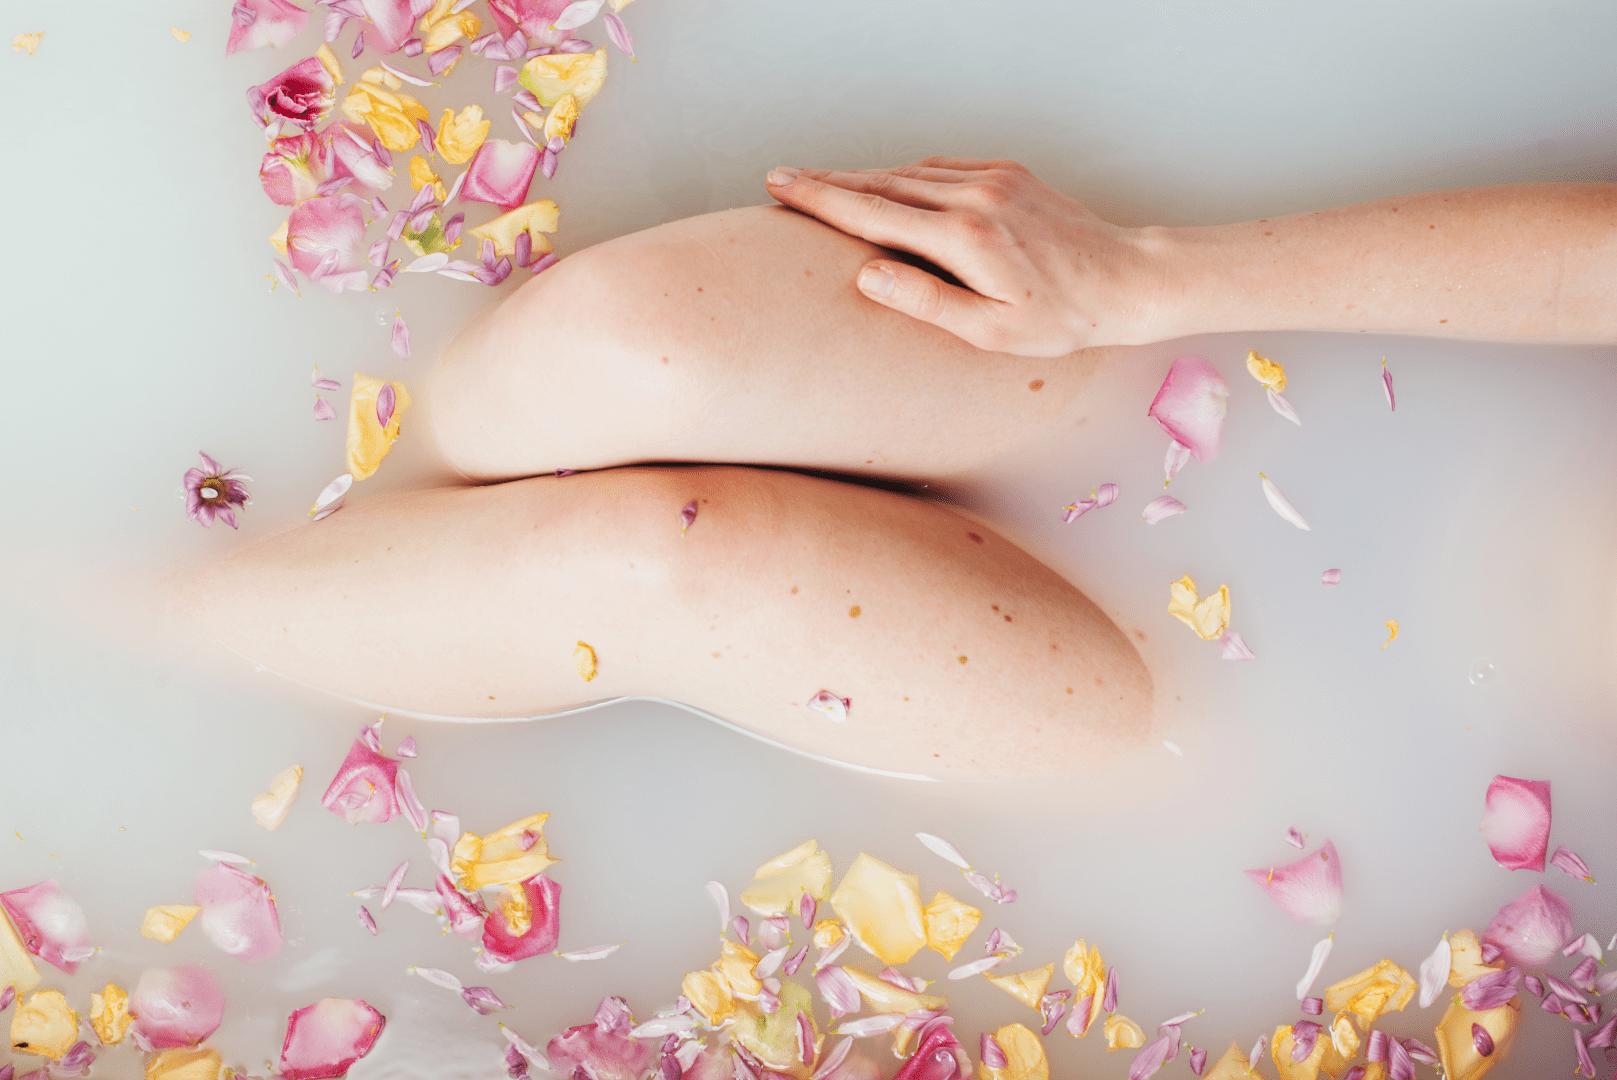 herpes genital mulher deitada em uma banheira só mosrtando as pernas